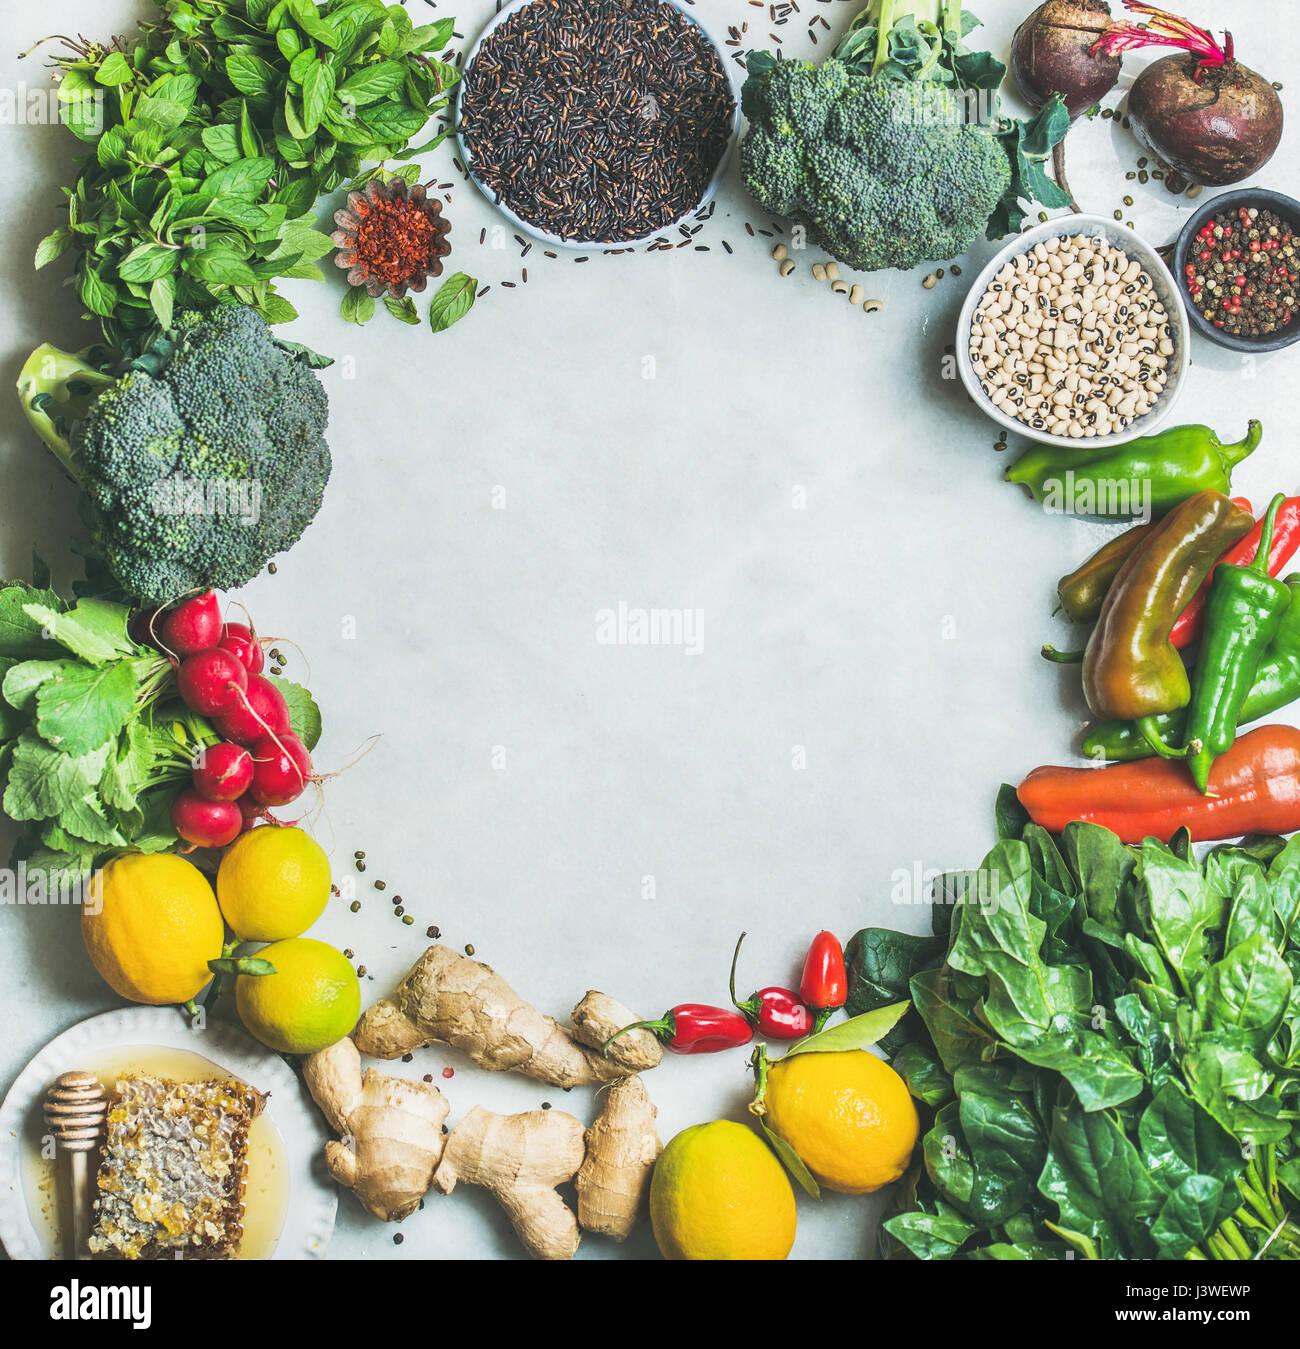 Comer sano limpio ingredientes de cocina sobre fondo gris mármol Imagen De Stock